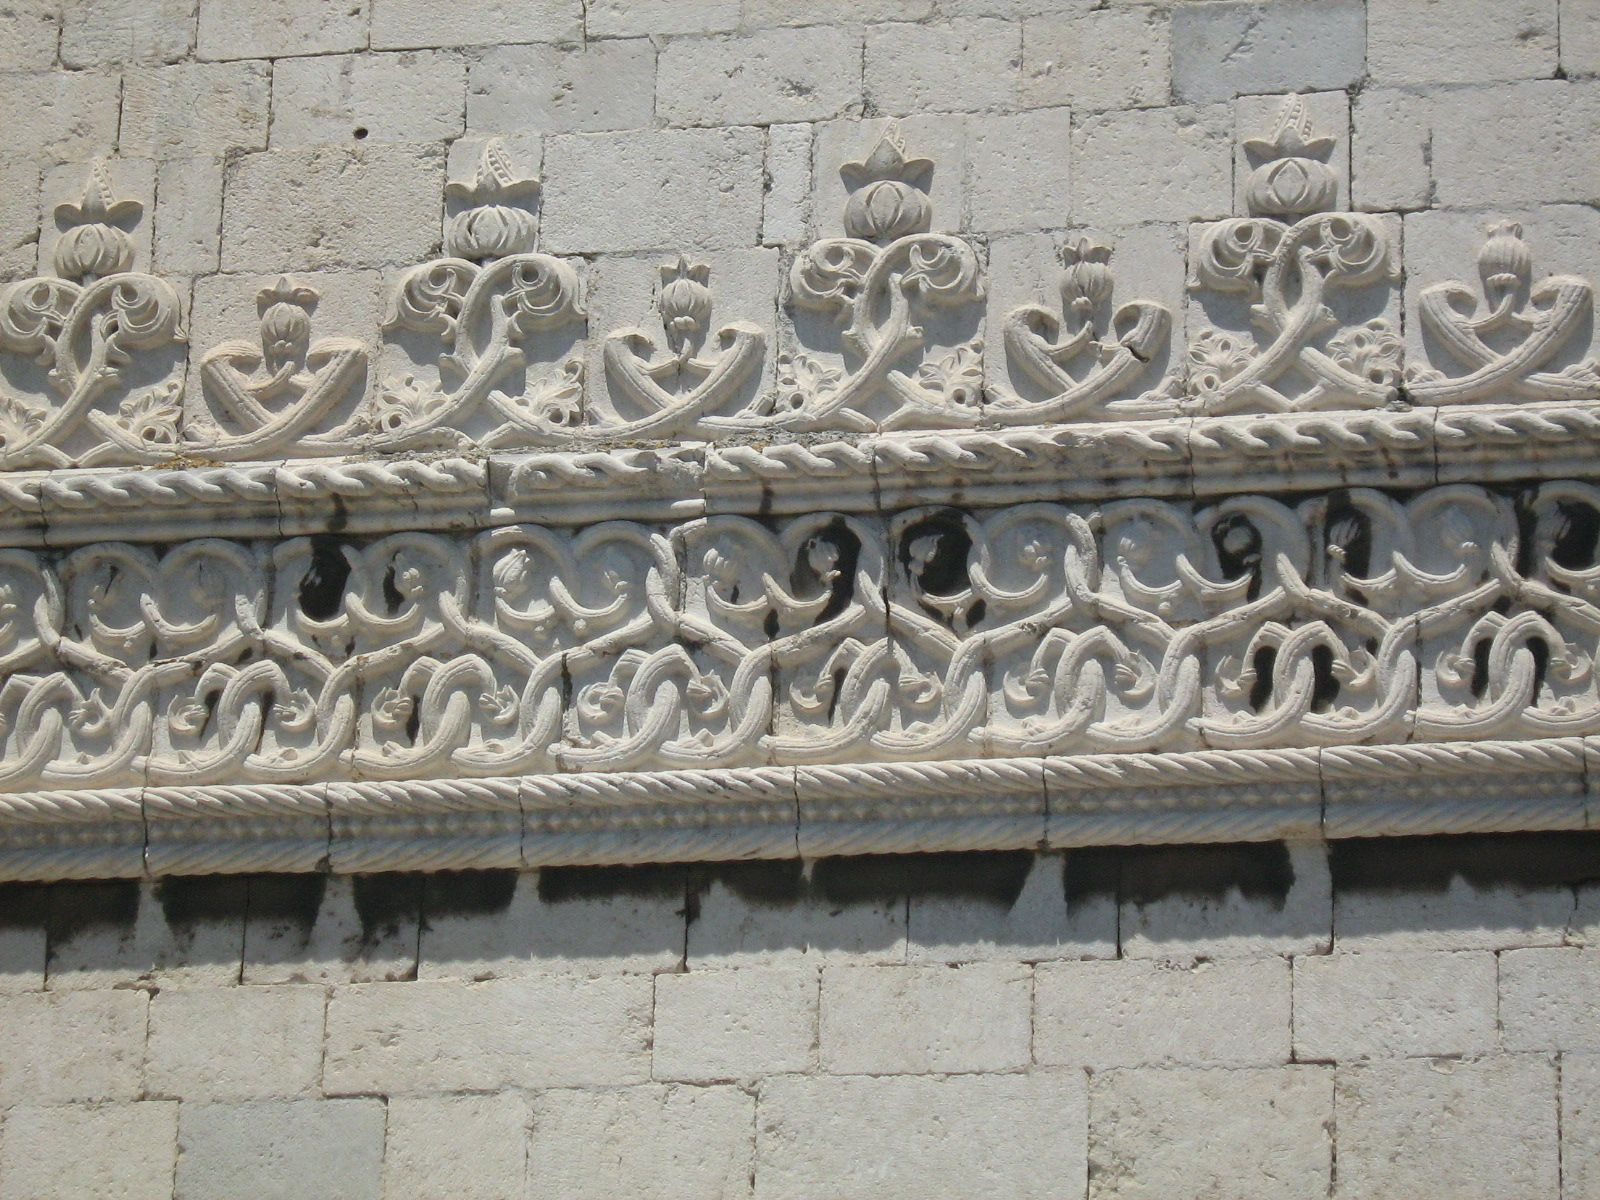 Detalhe do Mosteiro dos Jerónimos - Belém